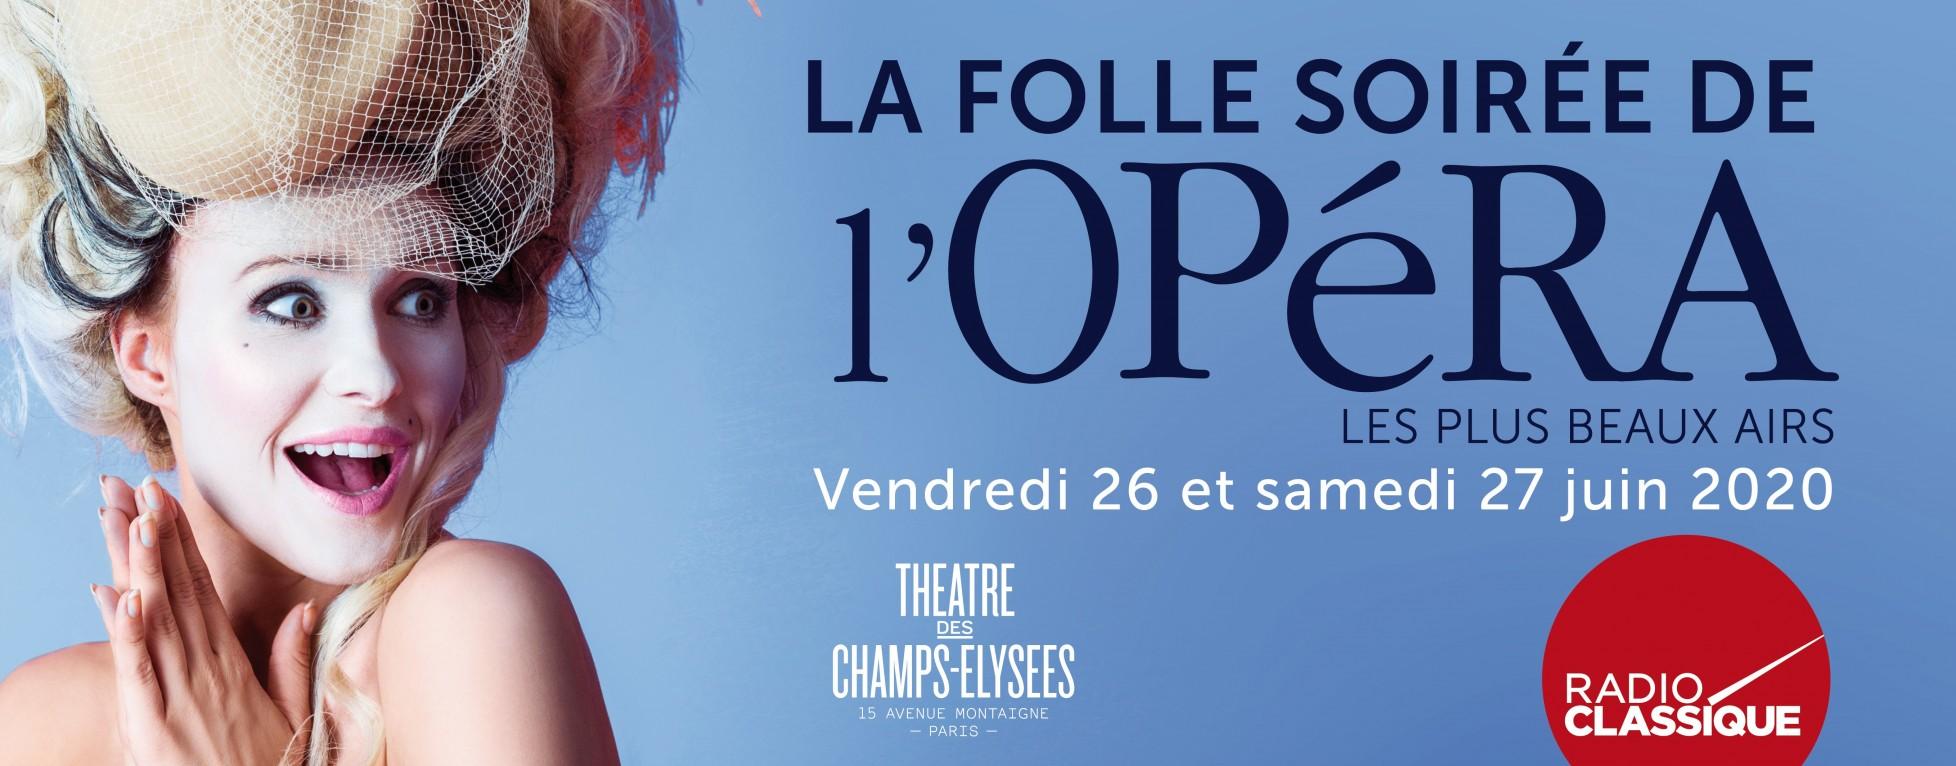 La Folle soirée de l'Opéra avec Radio Classique